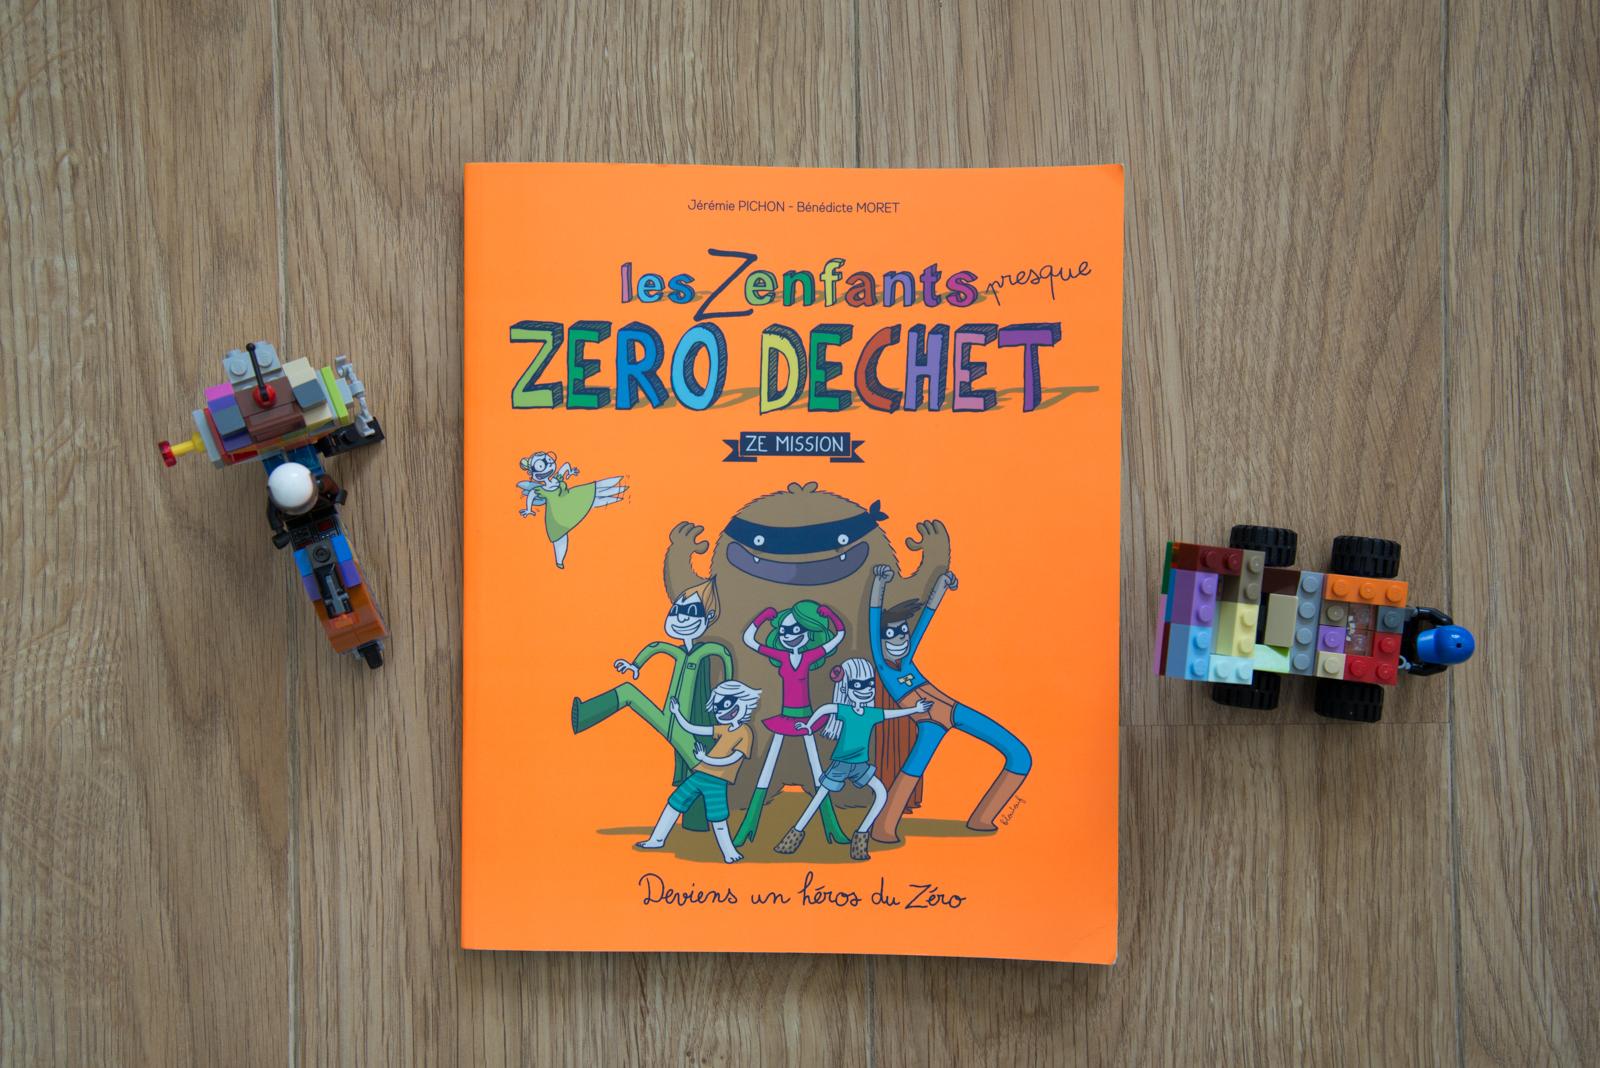 """Comment devenir un héros du zéro déchet avec """"Les Zenfants presque Zéro déchet"""""""